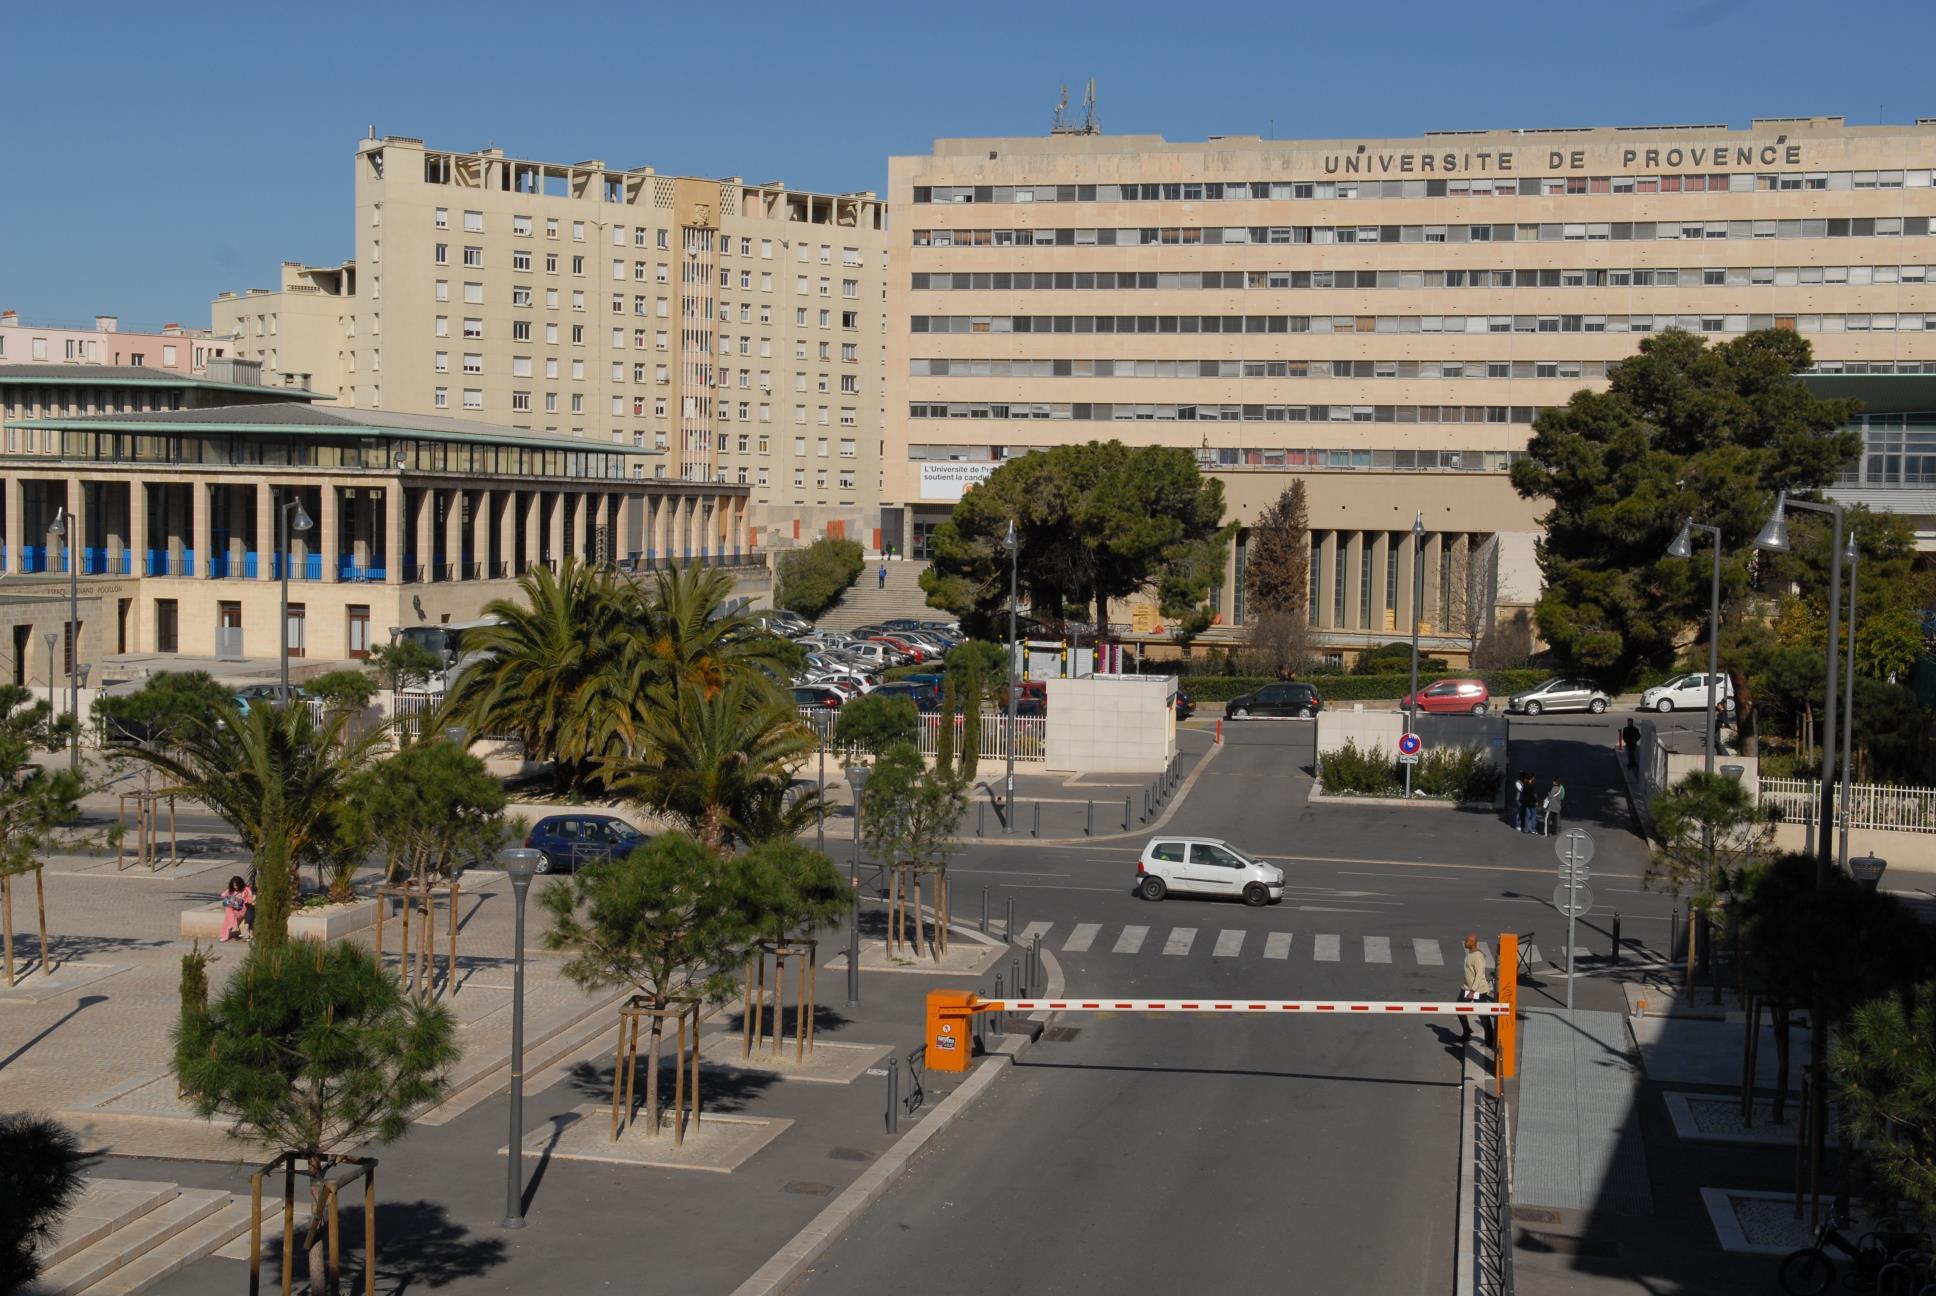 AMU - Aix Marseille Université (Saint-Charles)